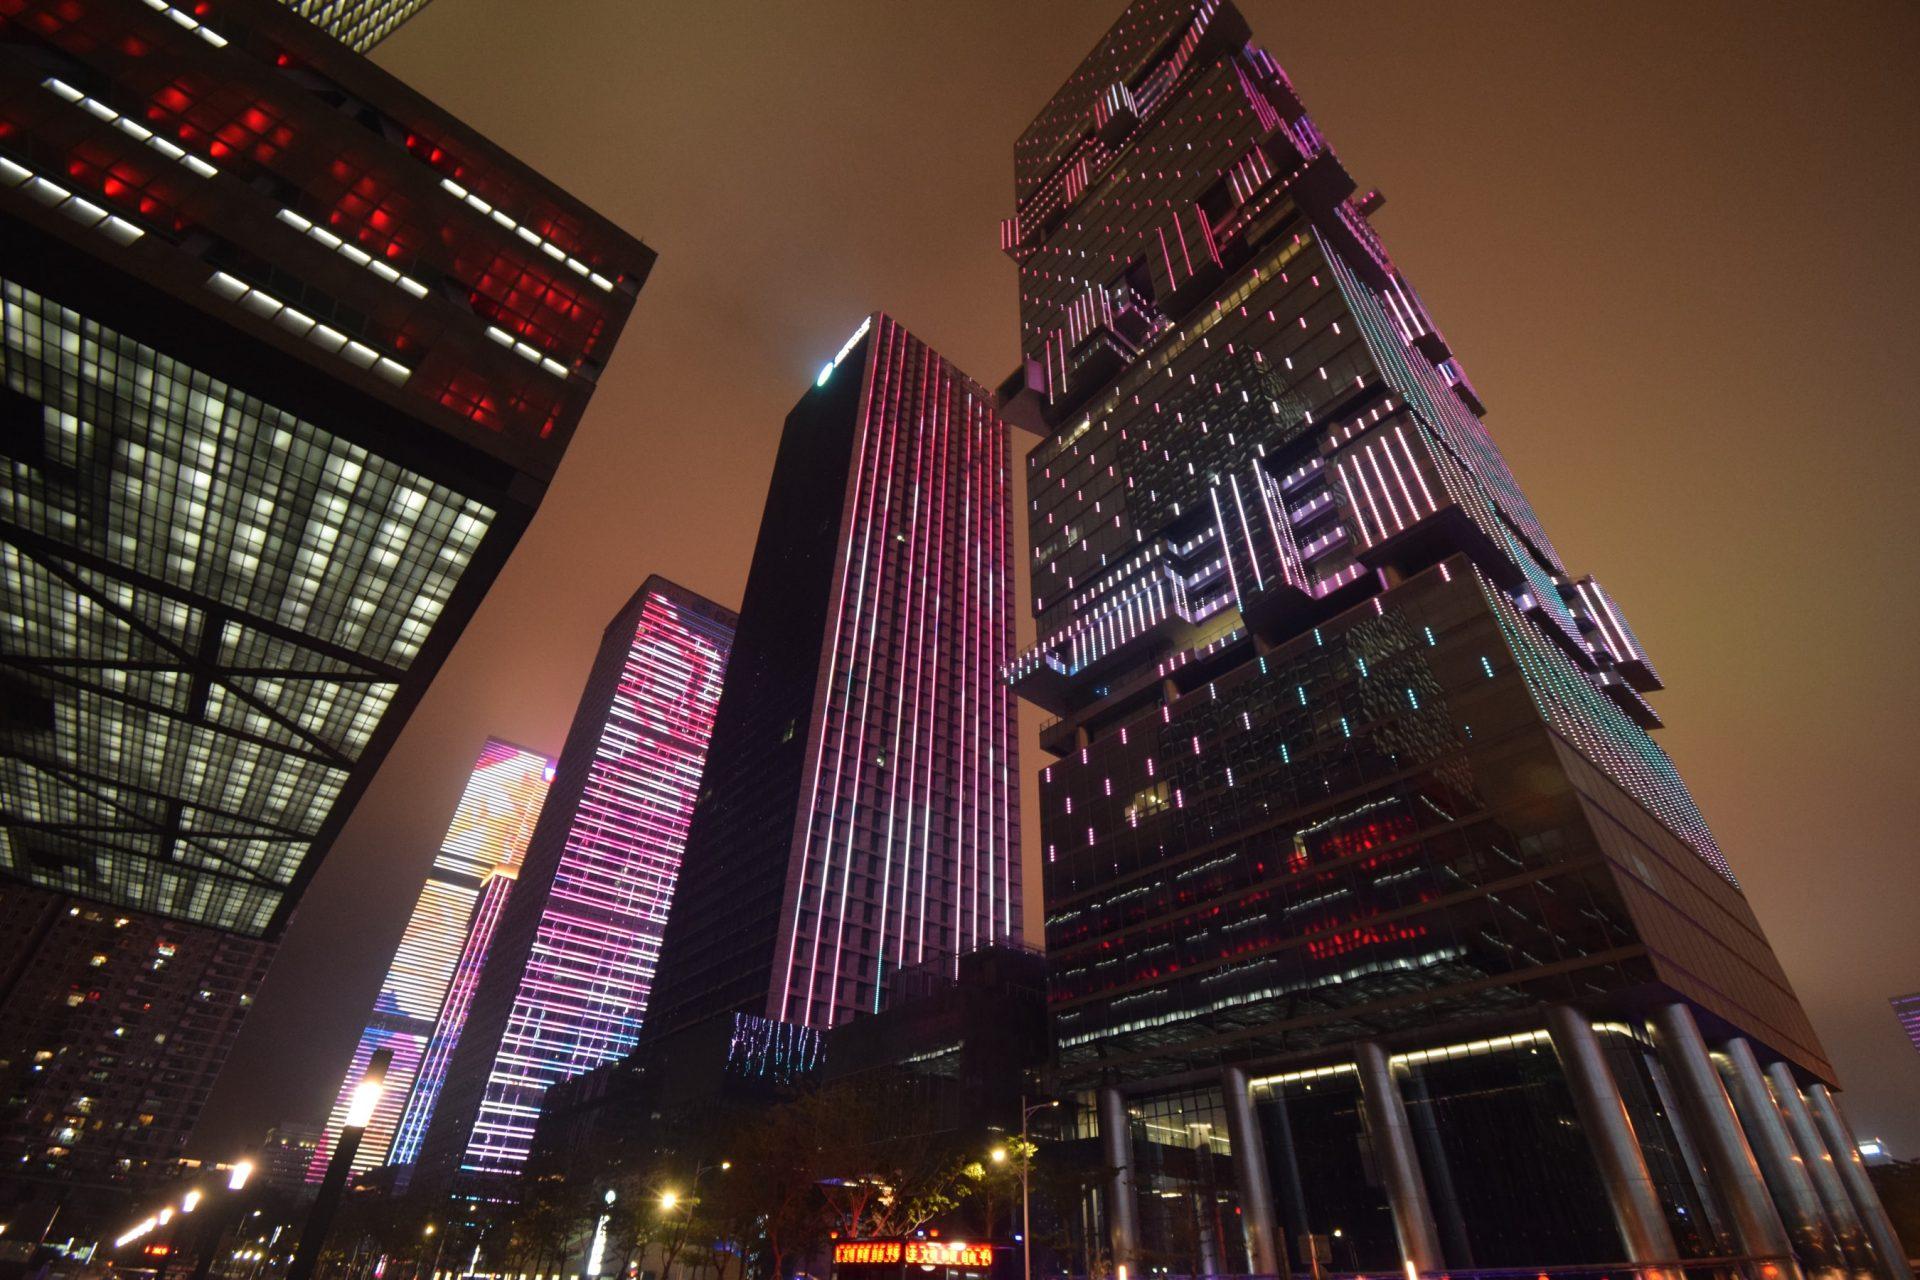 Gratte-ciels illuminé par le LED